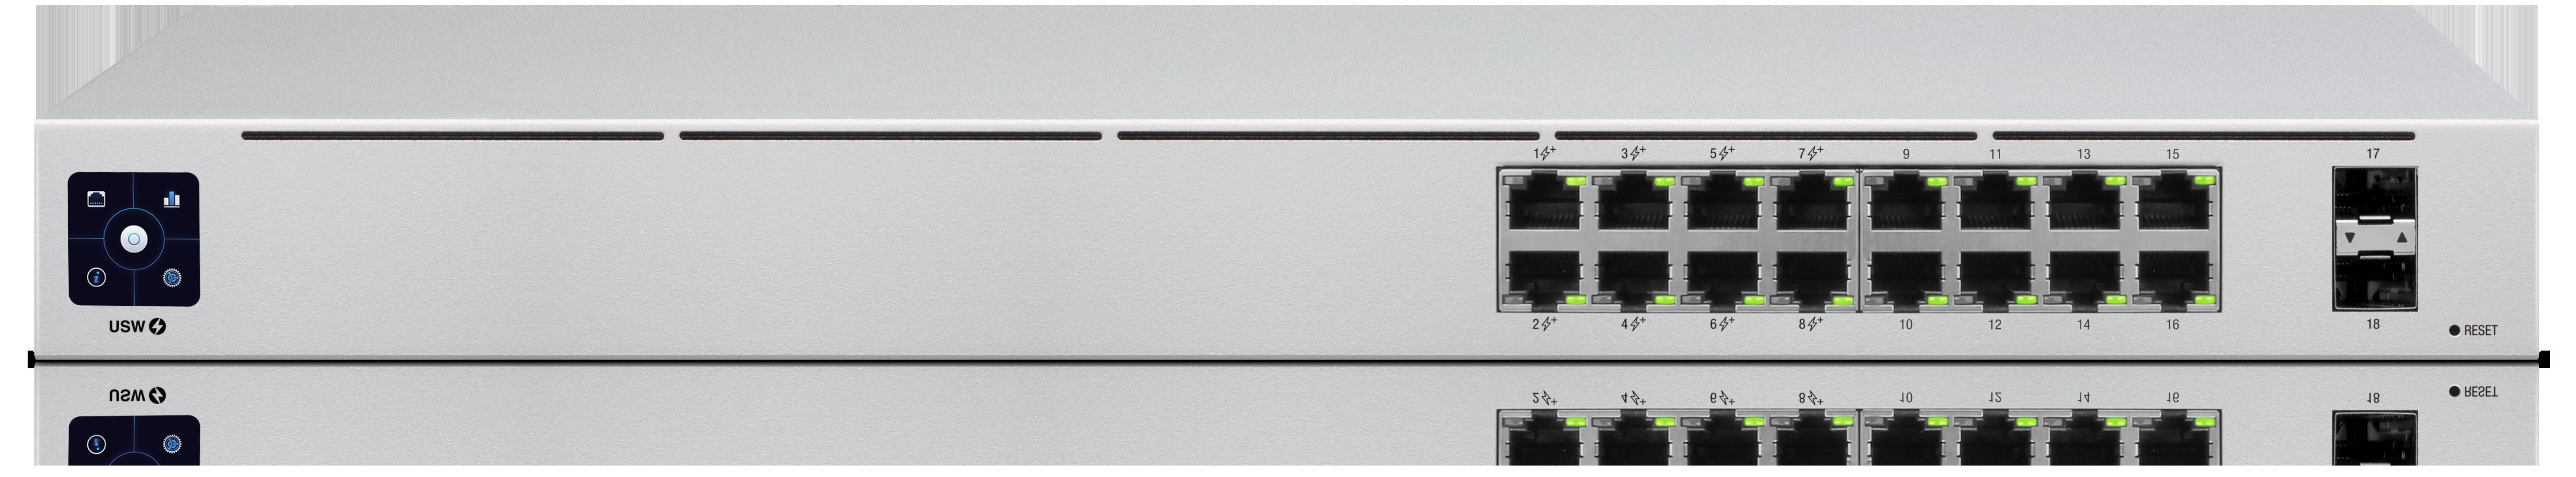 USW-16-POE Unifi Switch POE+ Gigabit Swich 16 Port 42Watt Gen 2